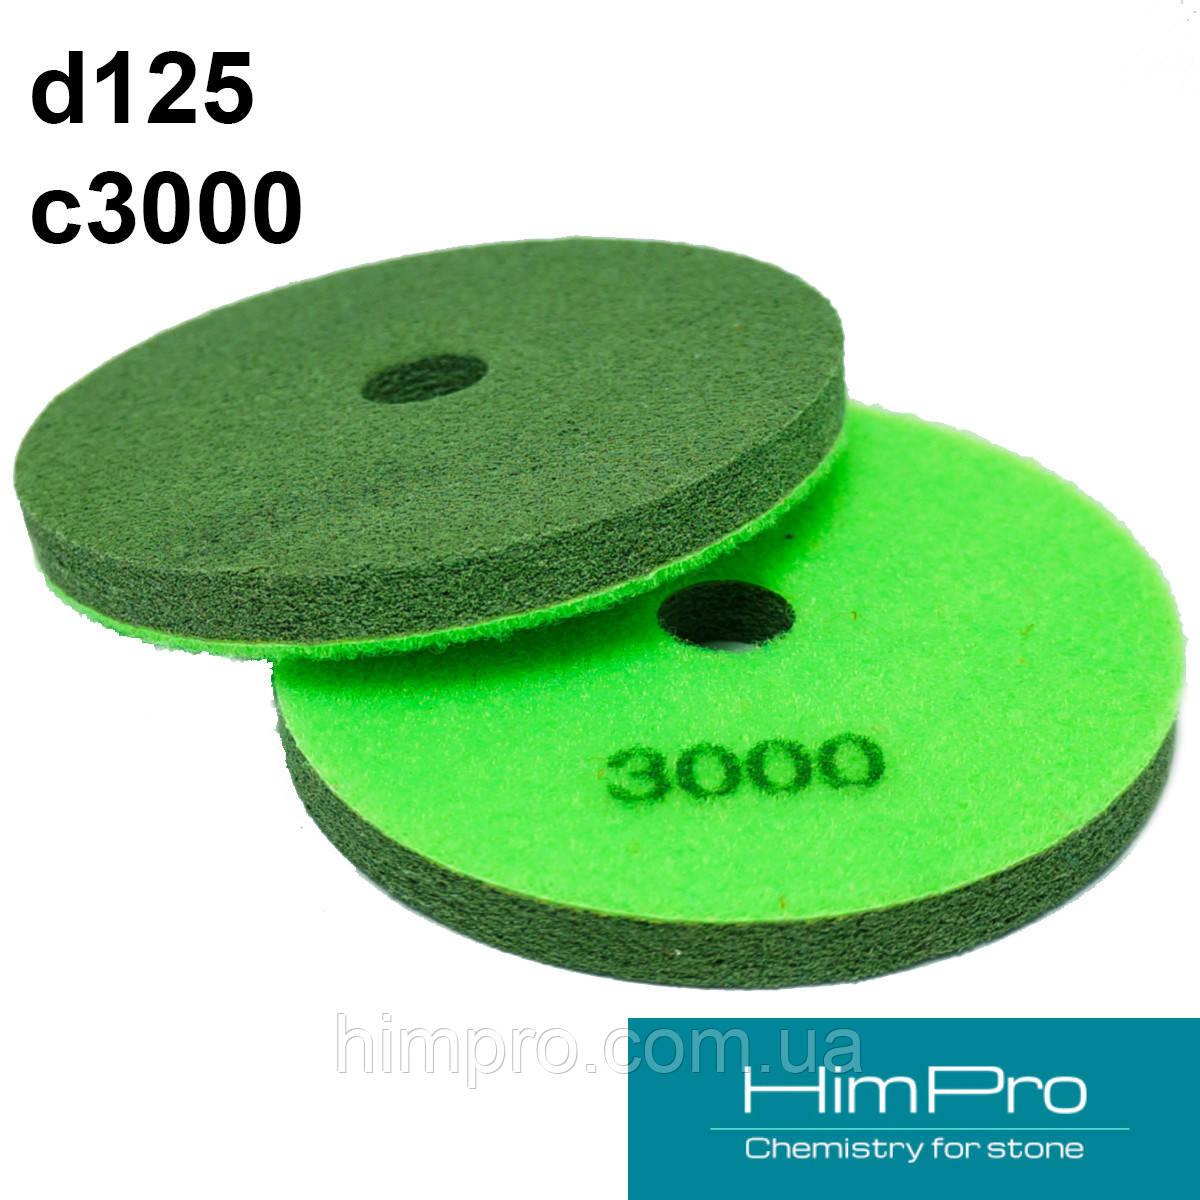 Алмазные спонжи d125 C3000